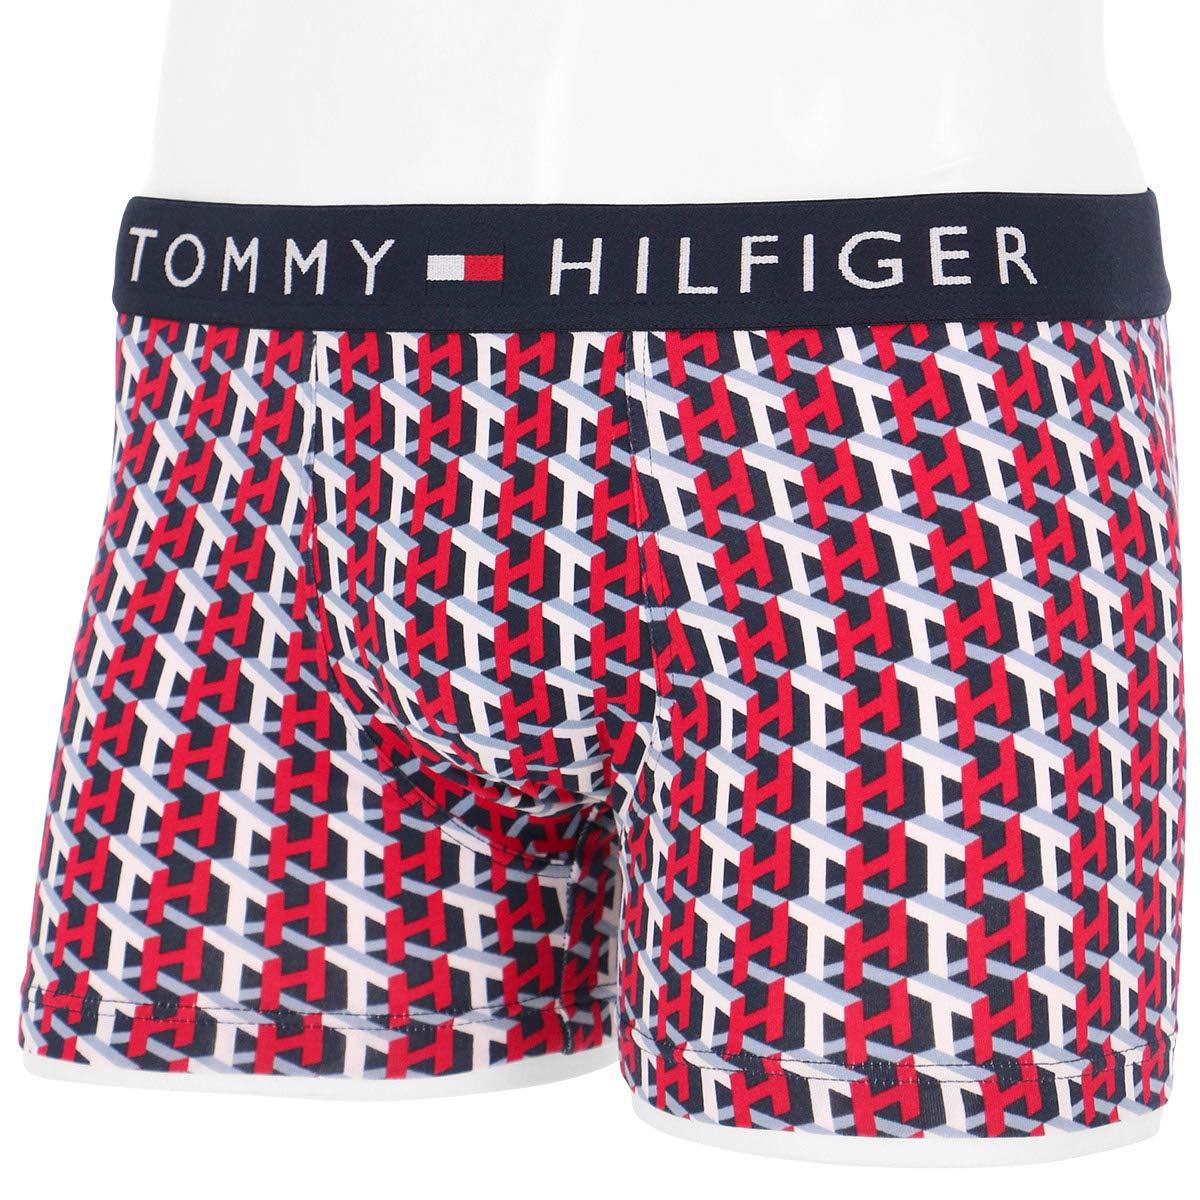 Tommy Hilfiger Mens Trunk Short